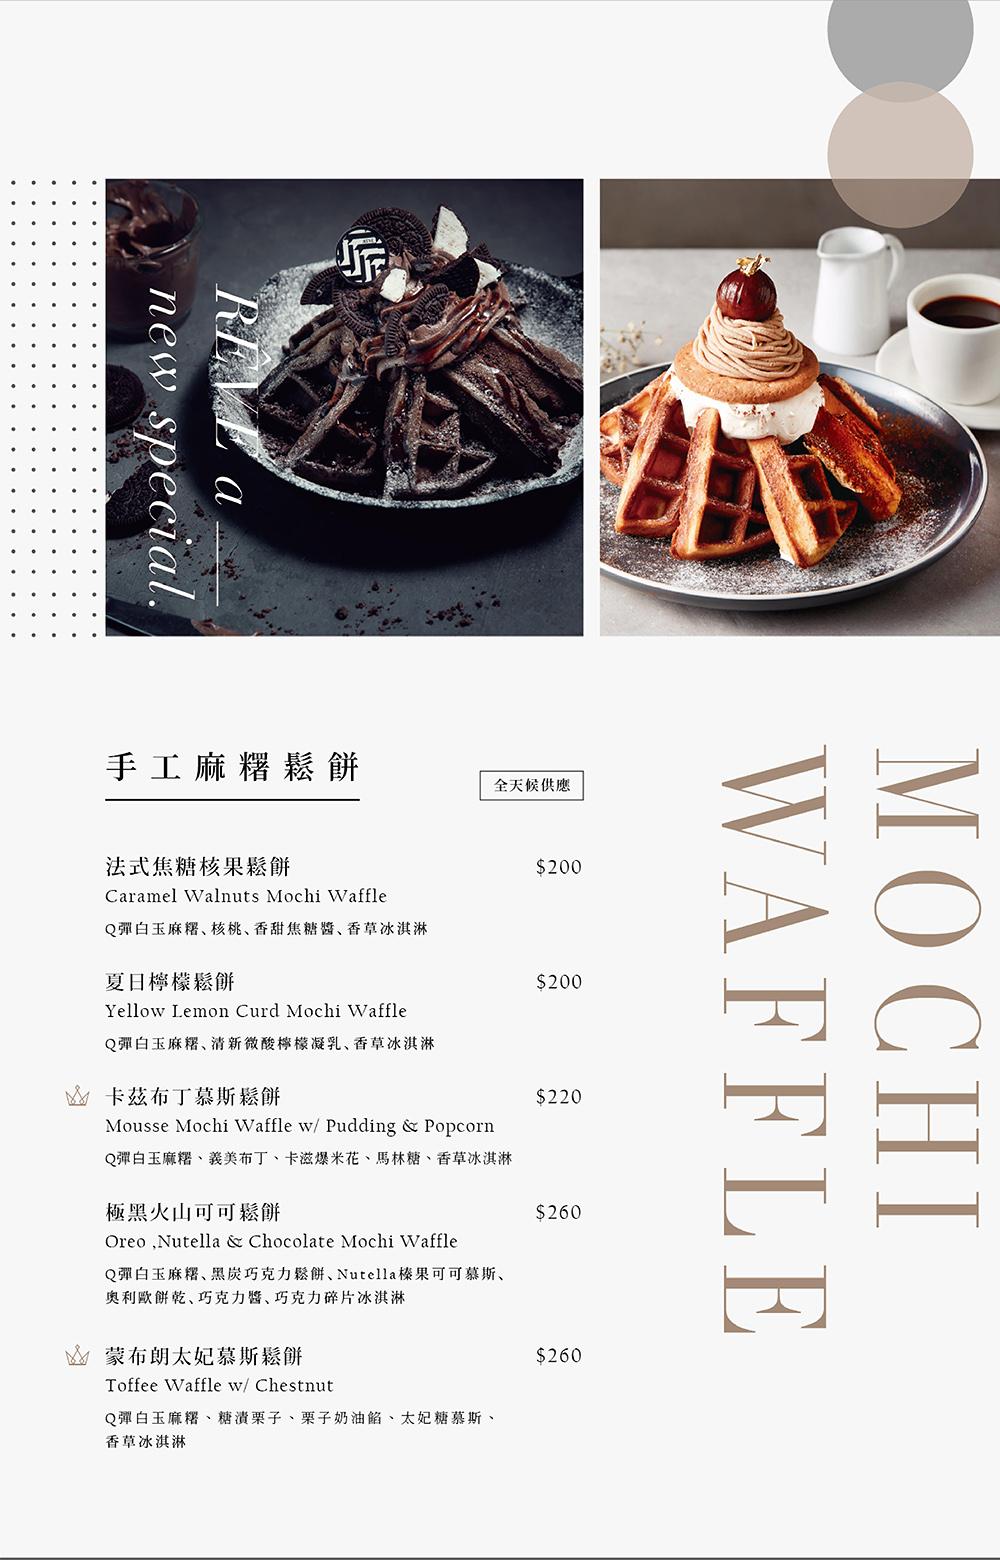 黑浮咖啡菜單 台中04